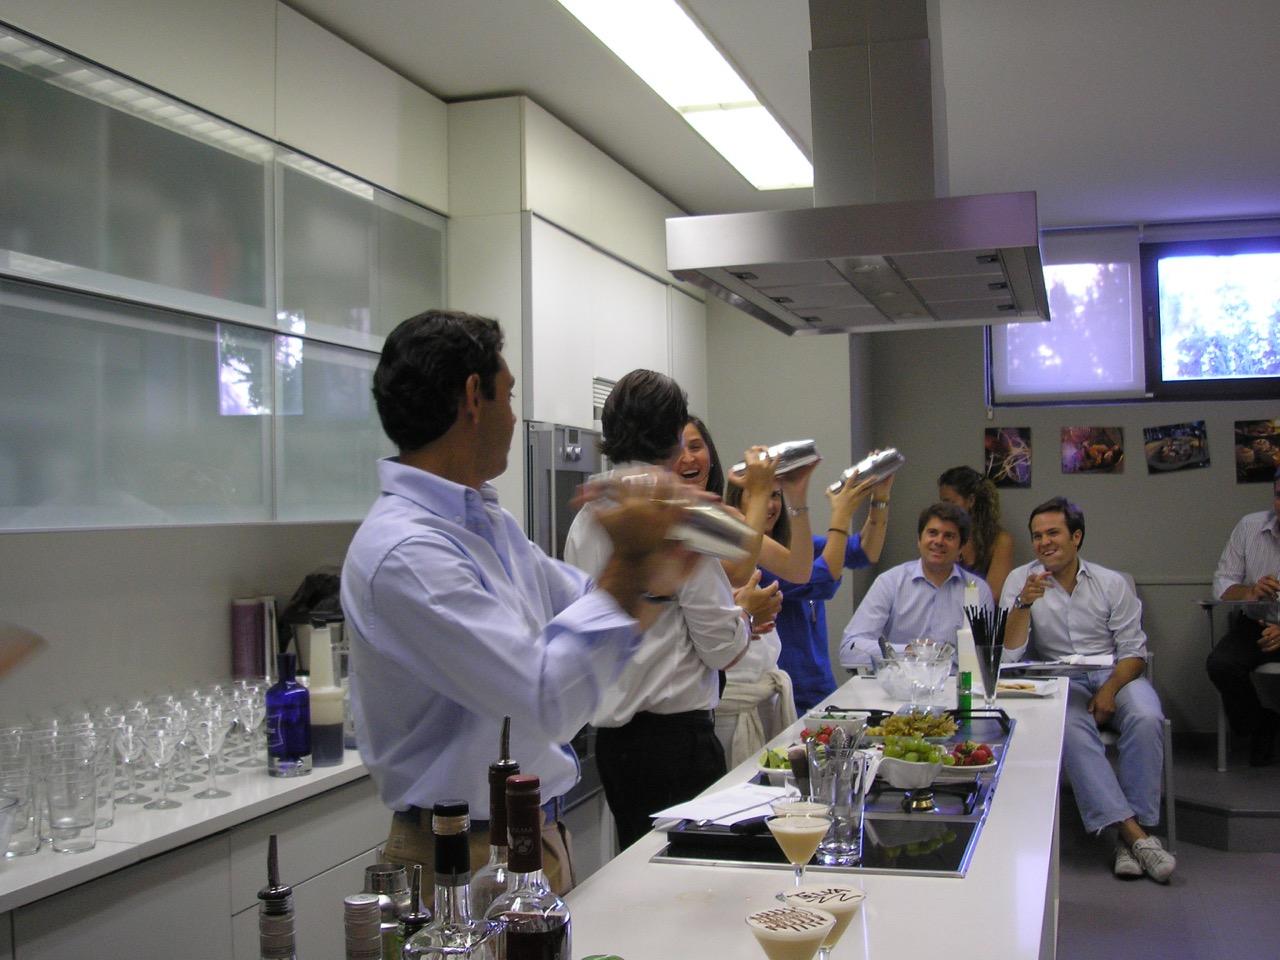 7 vidas tiene la escuela escuela de cocina telva for Escuela de cocina